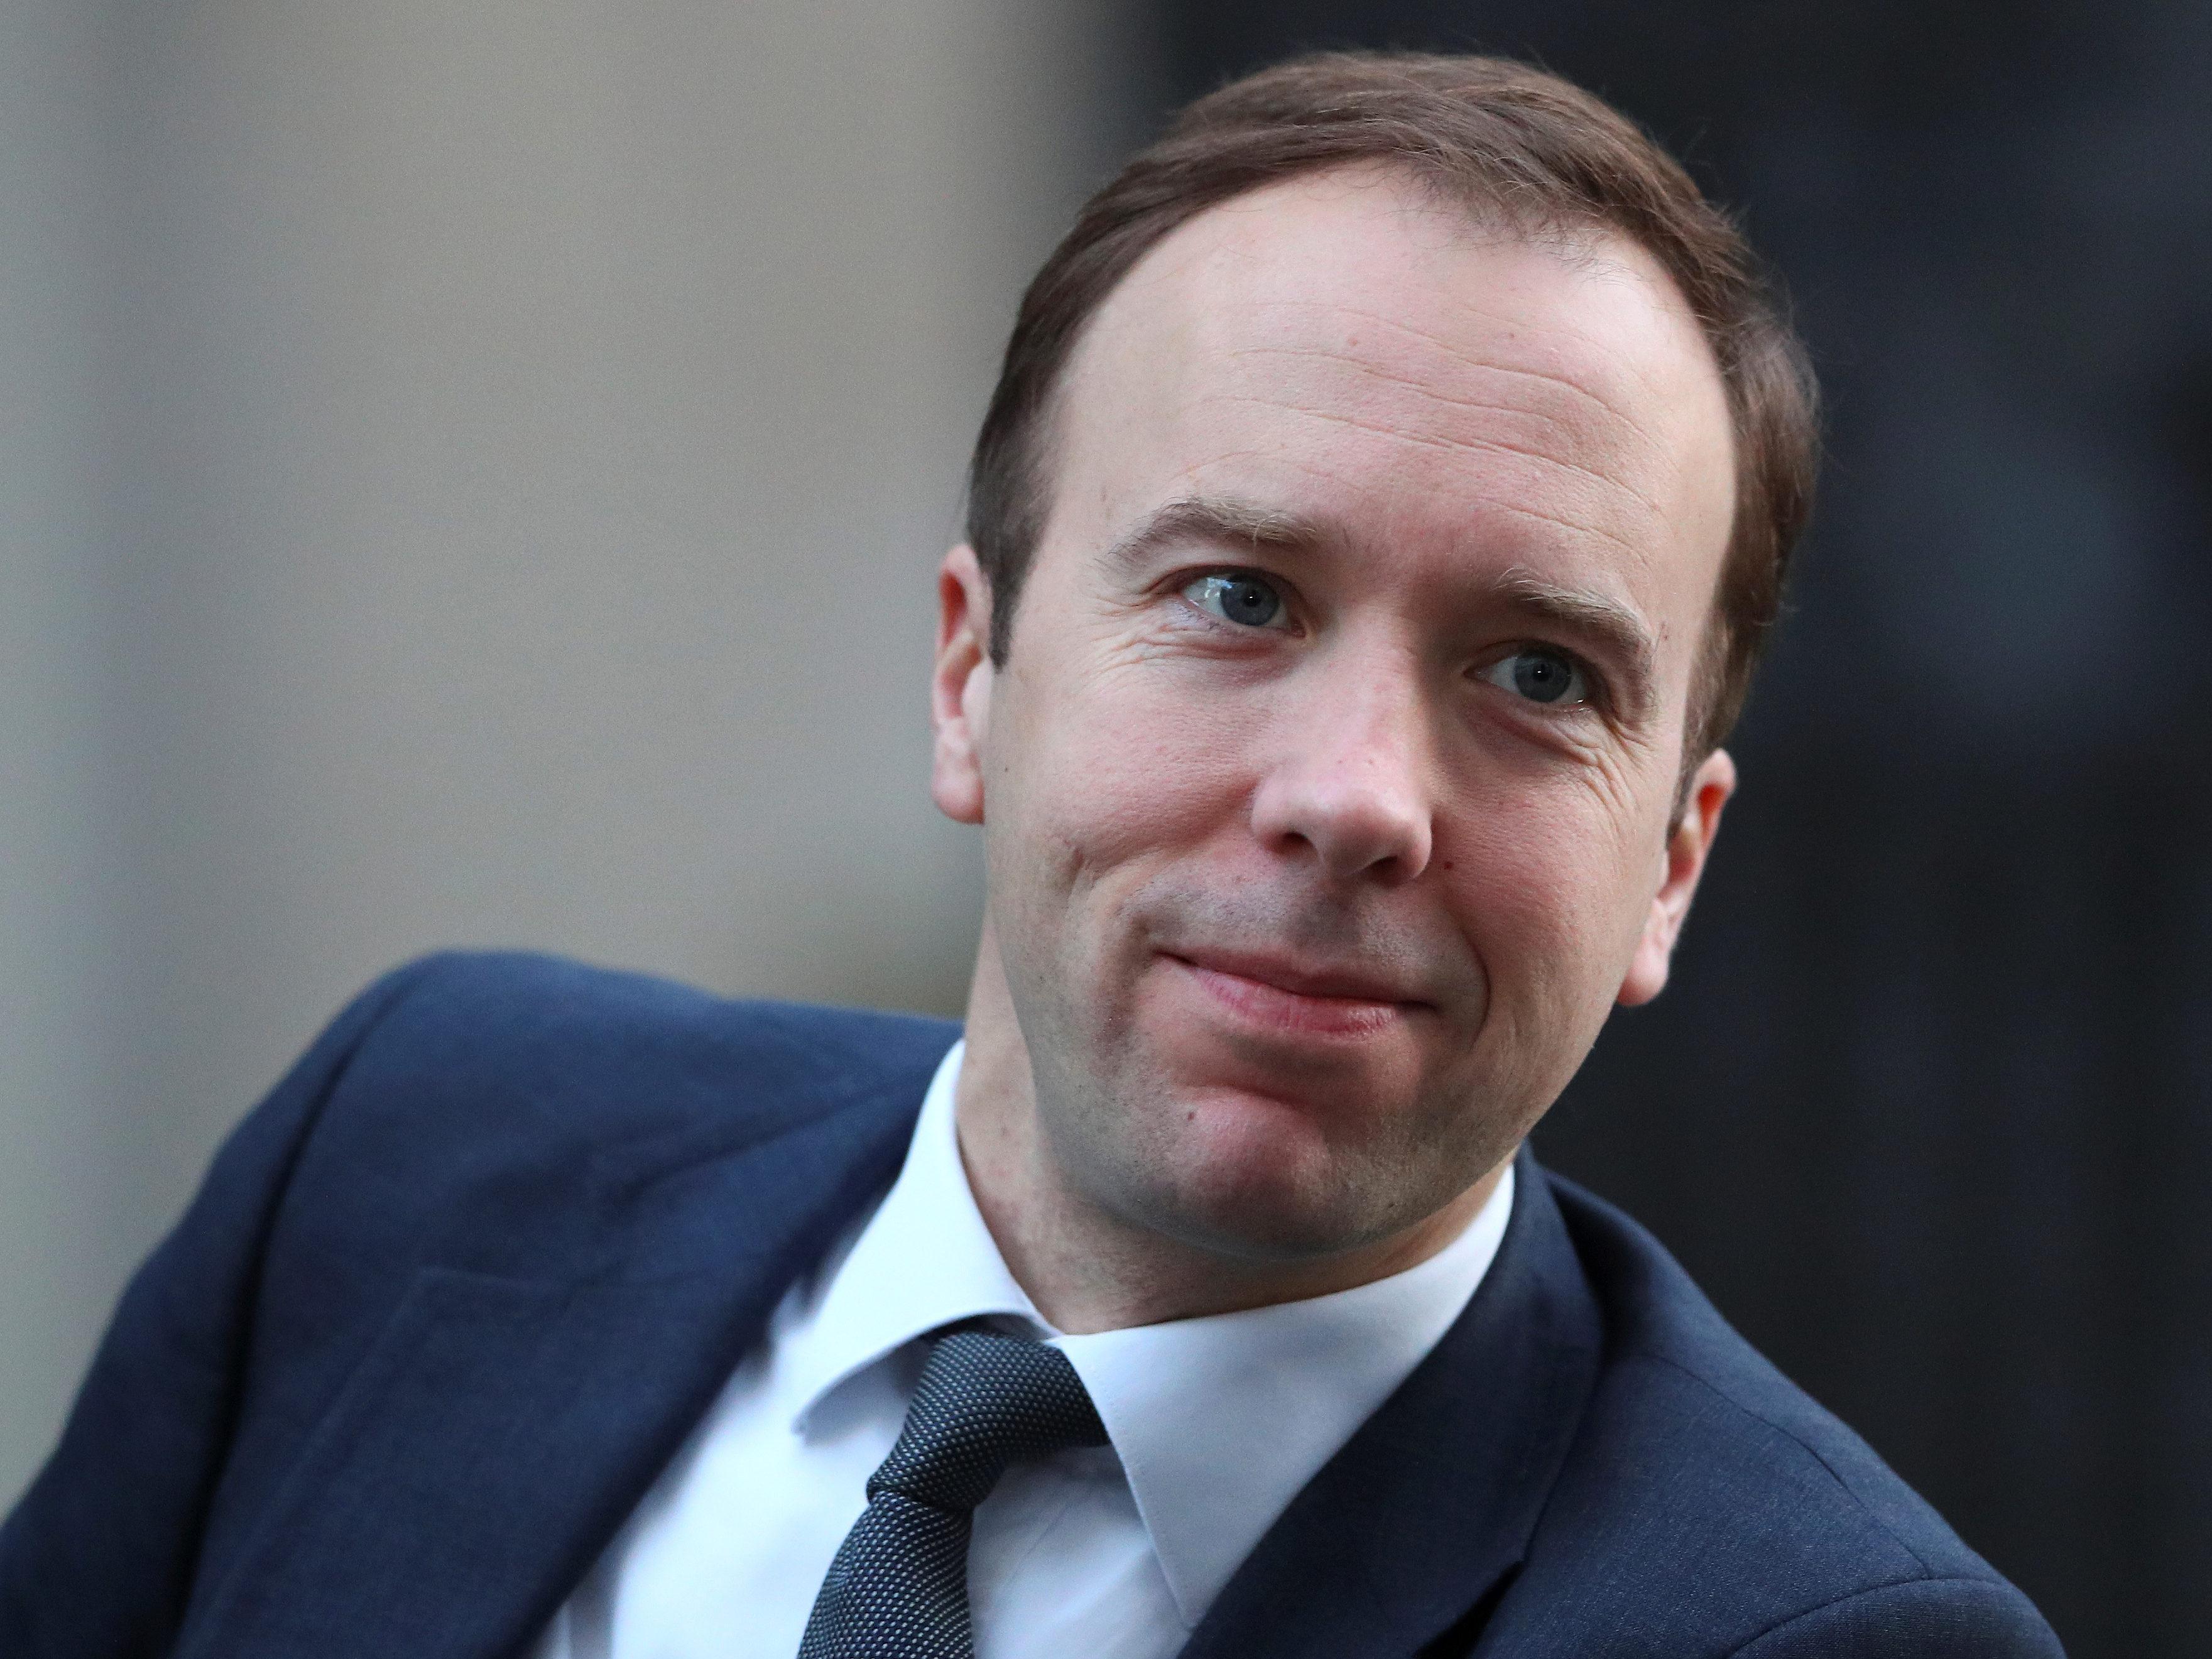 وزير الصحة البريطانى يحذر من إجراءات إغلاق واسعة حال موجة ثانية من كورونا